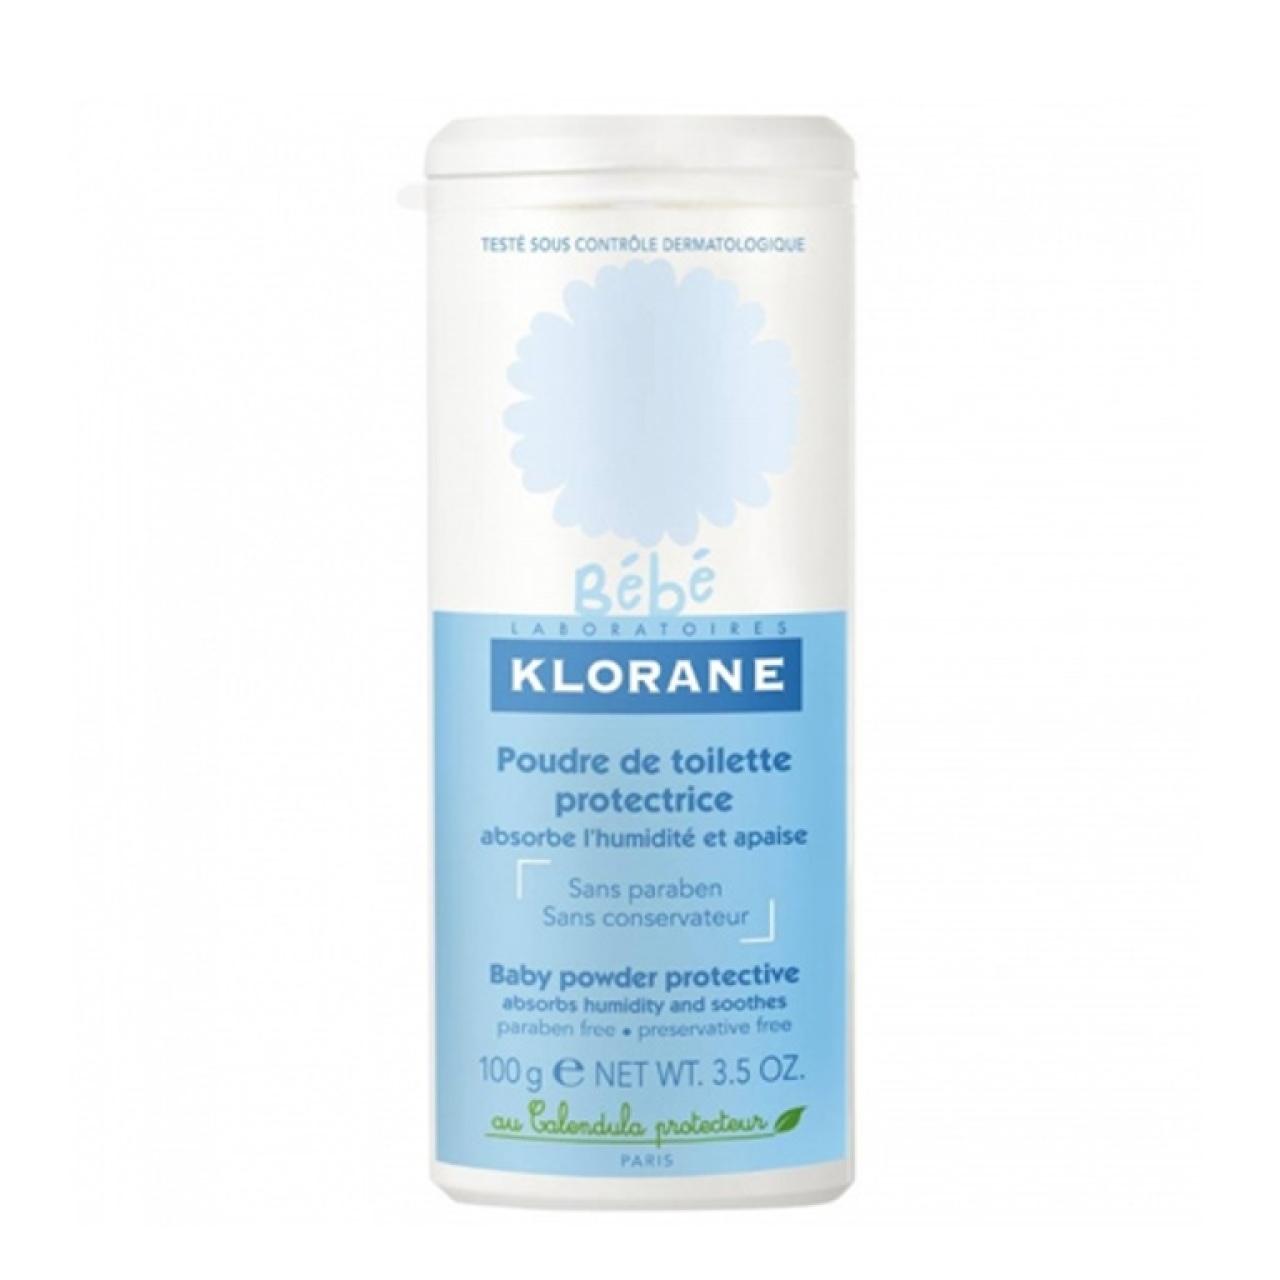 Klorane Присыпка защитная с экстрактом календулы